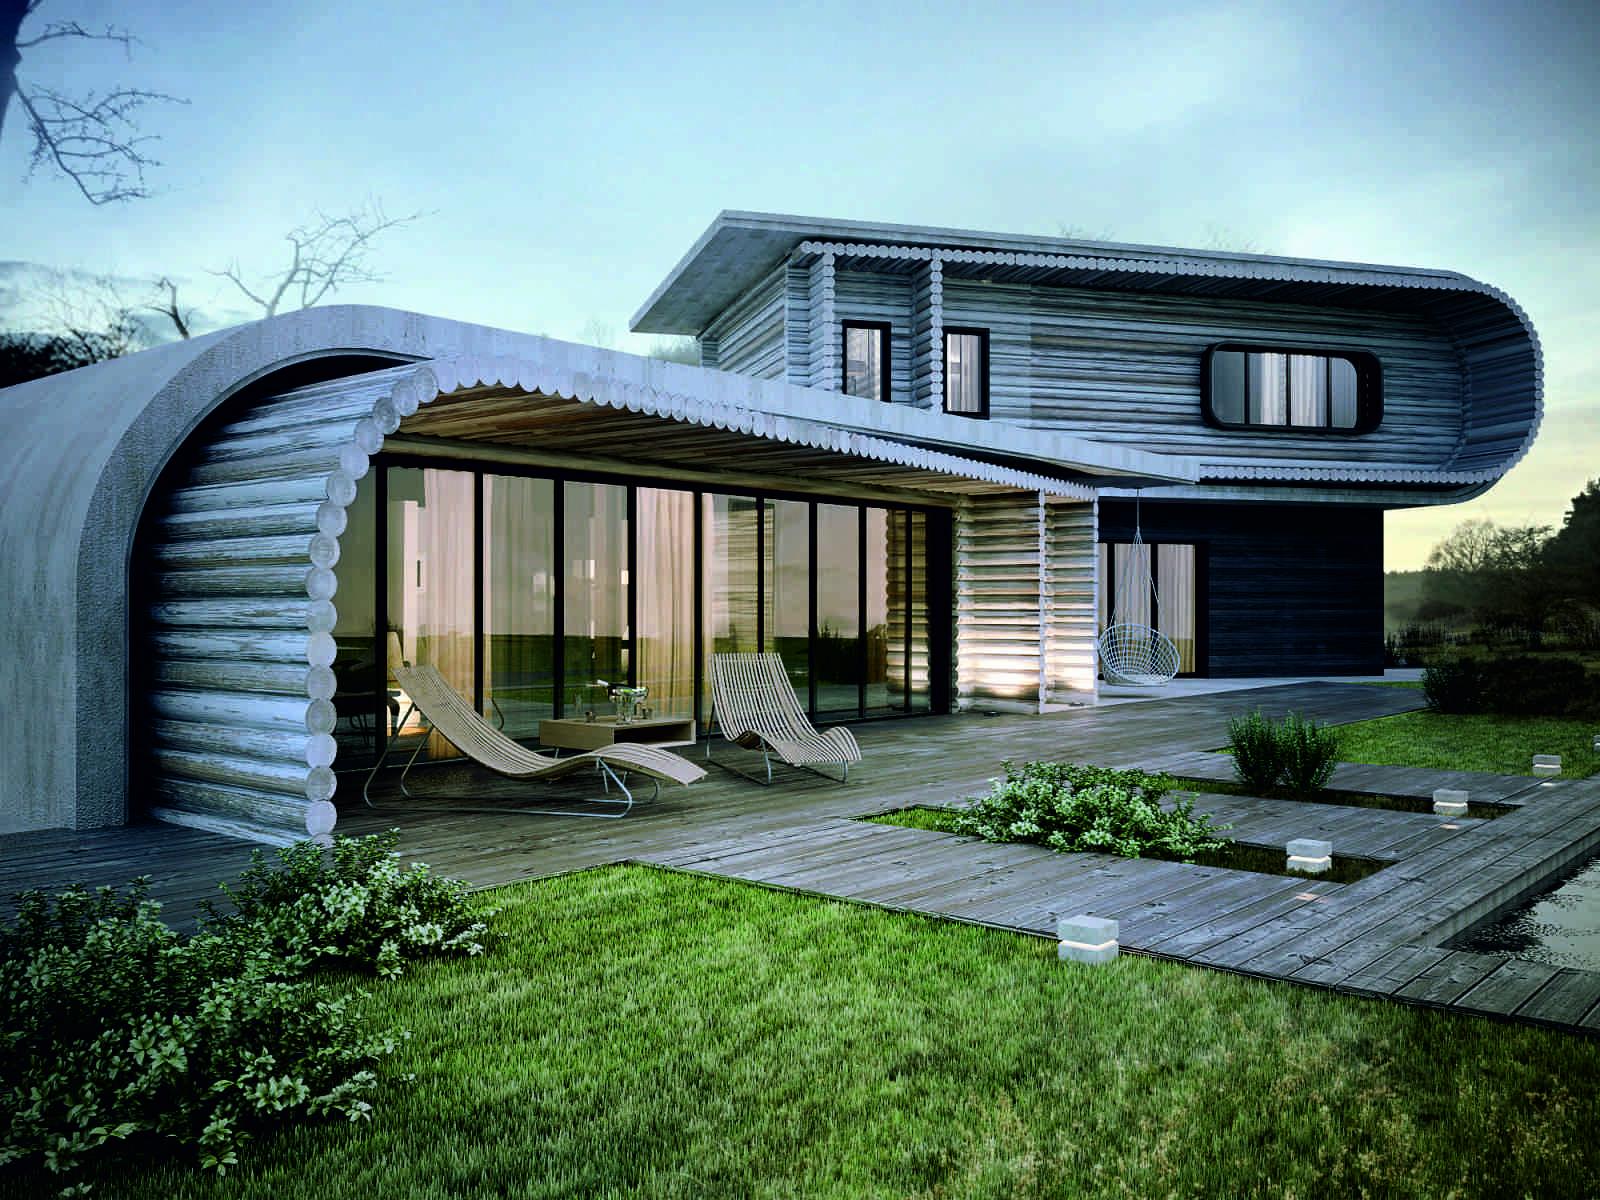 Состав проекта строительства частного дома: что входит, согласование проекта коттеджа, как его изменить